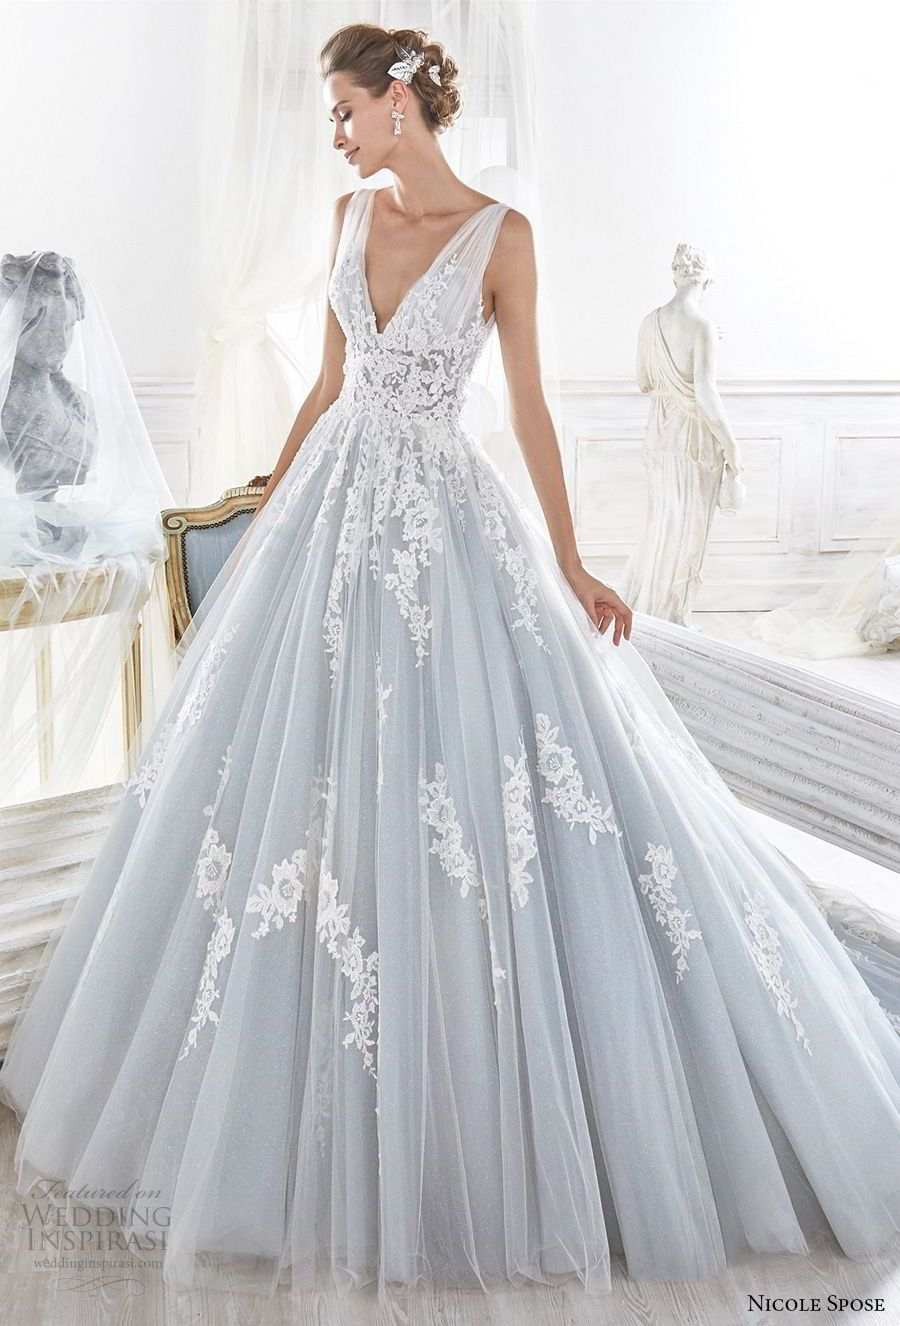 Nicole spose bridal sleeveless v neck heavily embellished